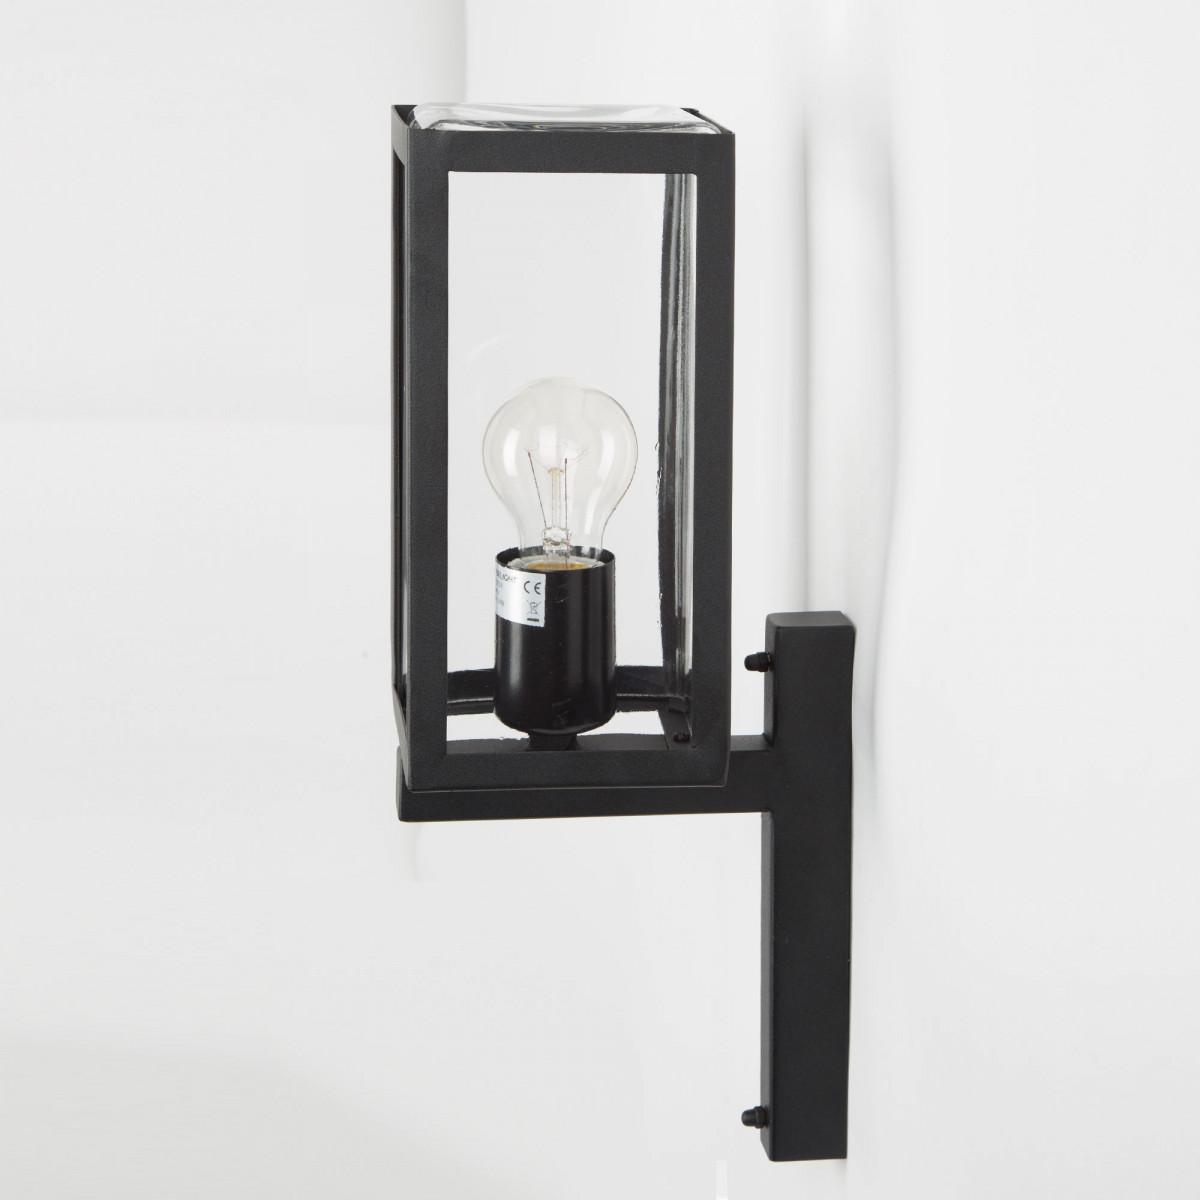 Wandlamp Huizen, mooie strak vormgegeven modern box design buitenlamp zwart rvs buitenverlichting,  moderne gevelverlichting van KS Verlichting